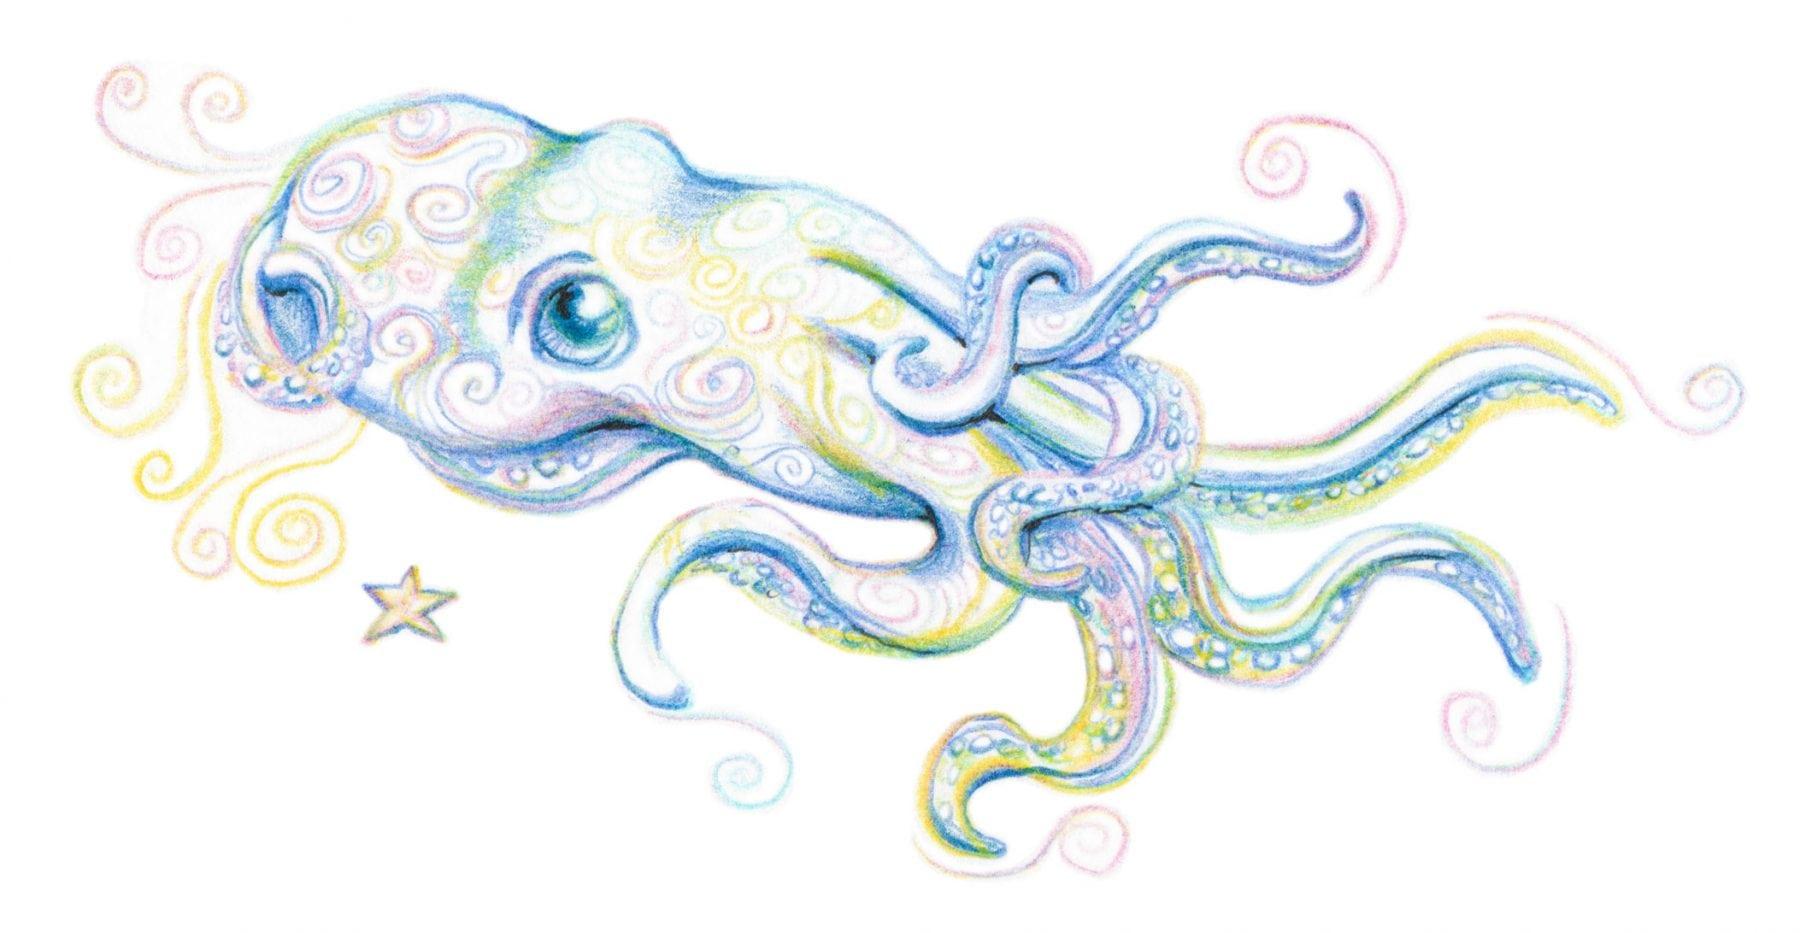 ... octopus art abstract octopus art octopus clip art japanese octopus art